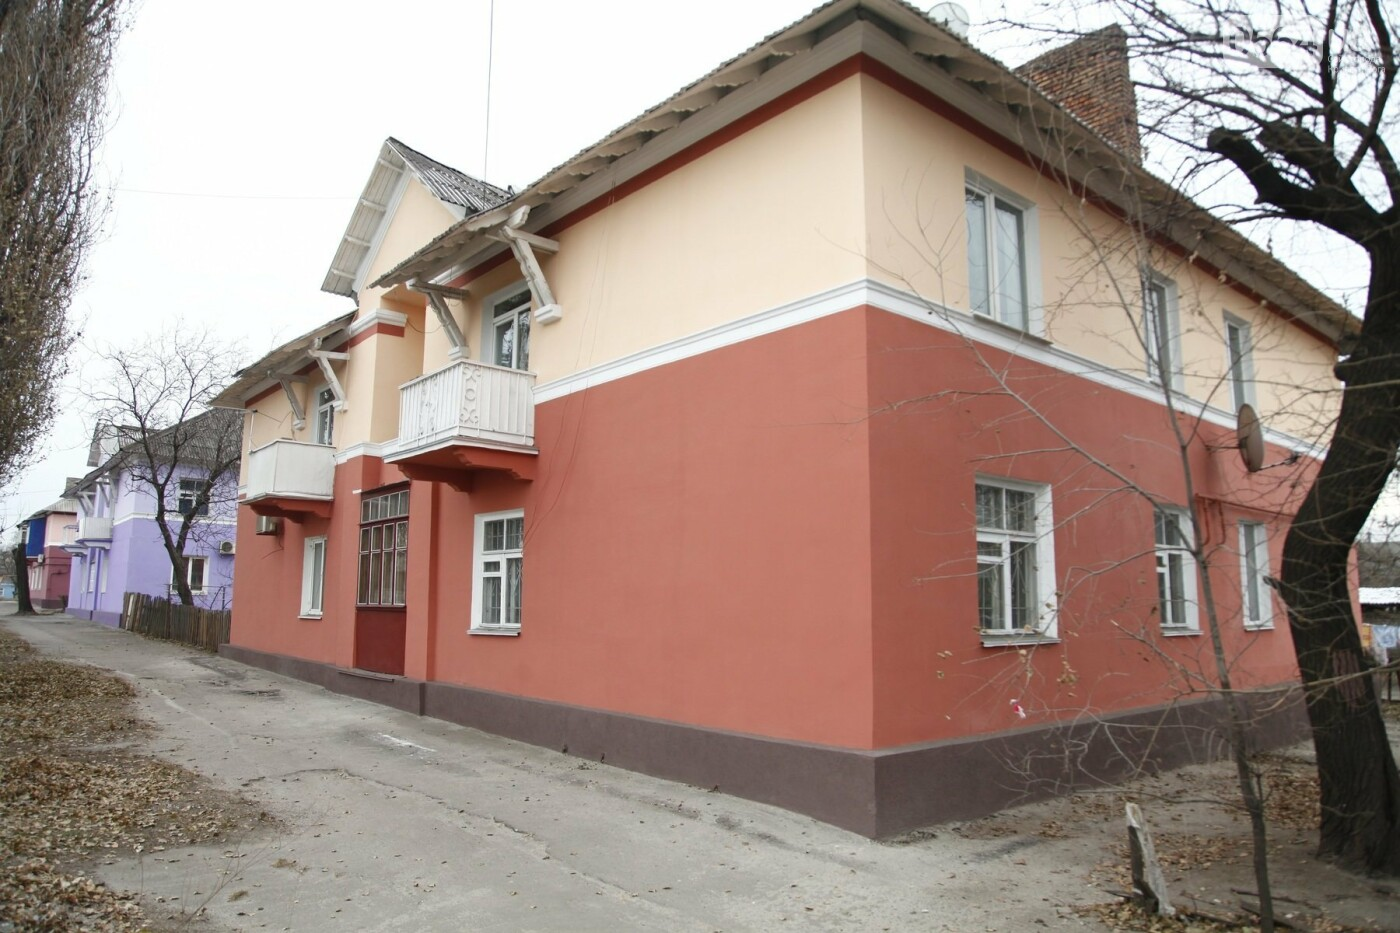 Южный ГОК отреставрировал фасады домов в поселке Матреновка, фото-2